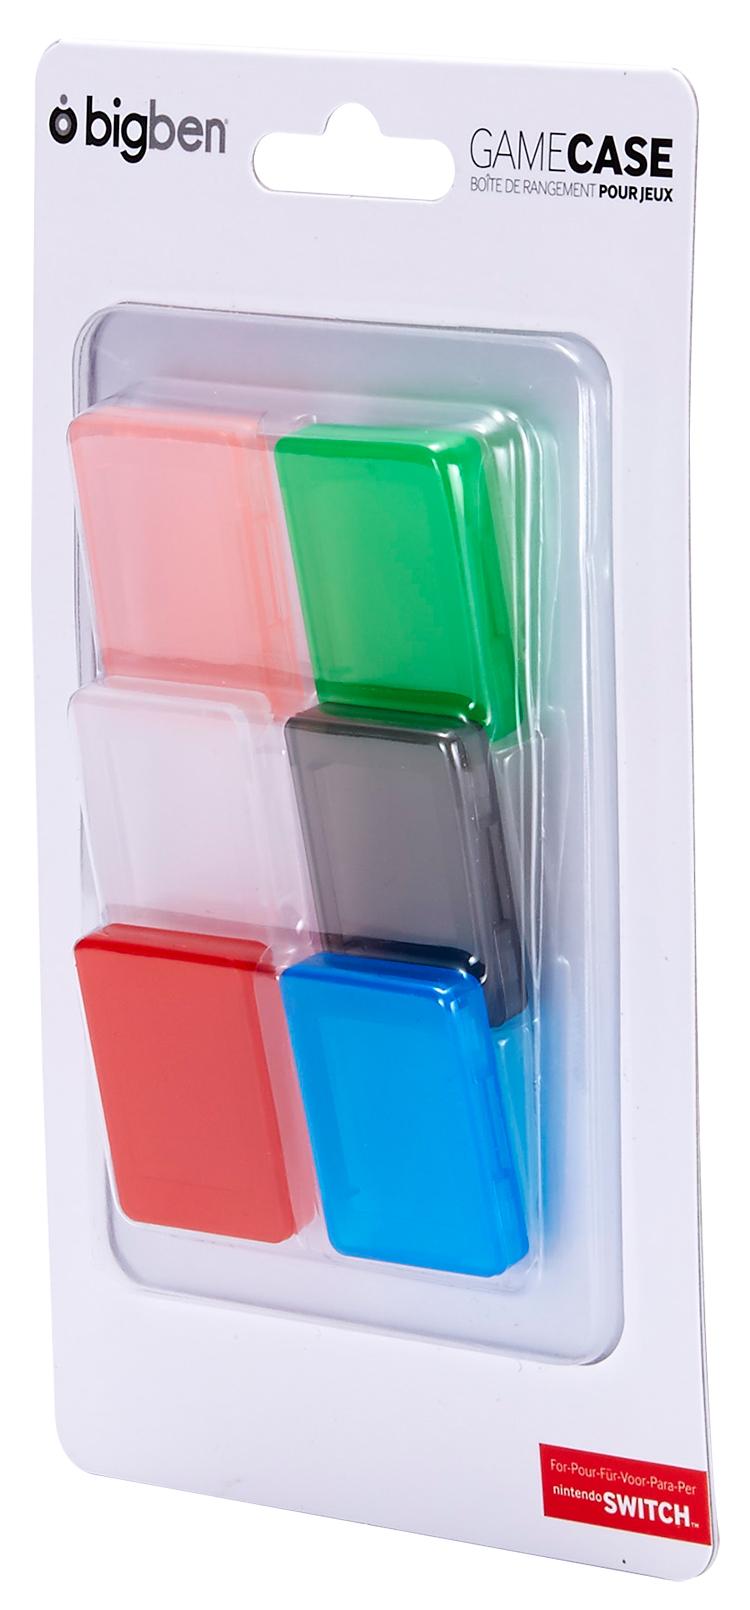 Ensemble de 6 boîtes pour jeux Nintendo Switch™ - Visuel#2tutu